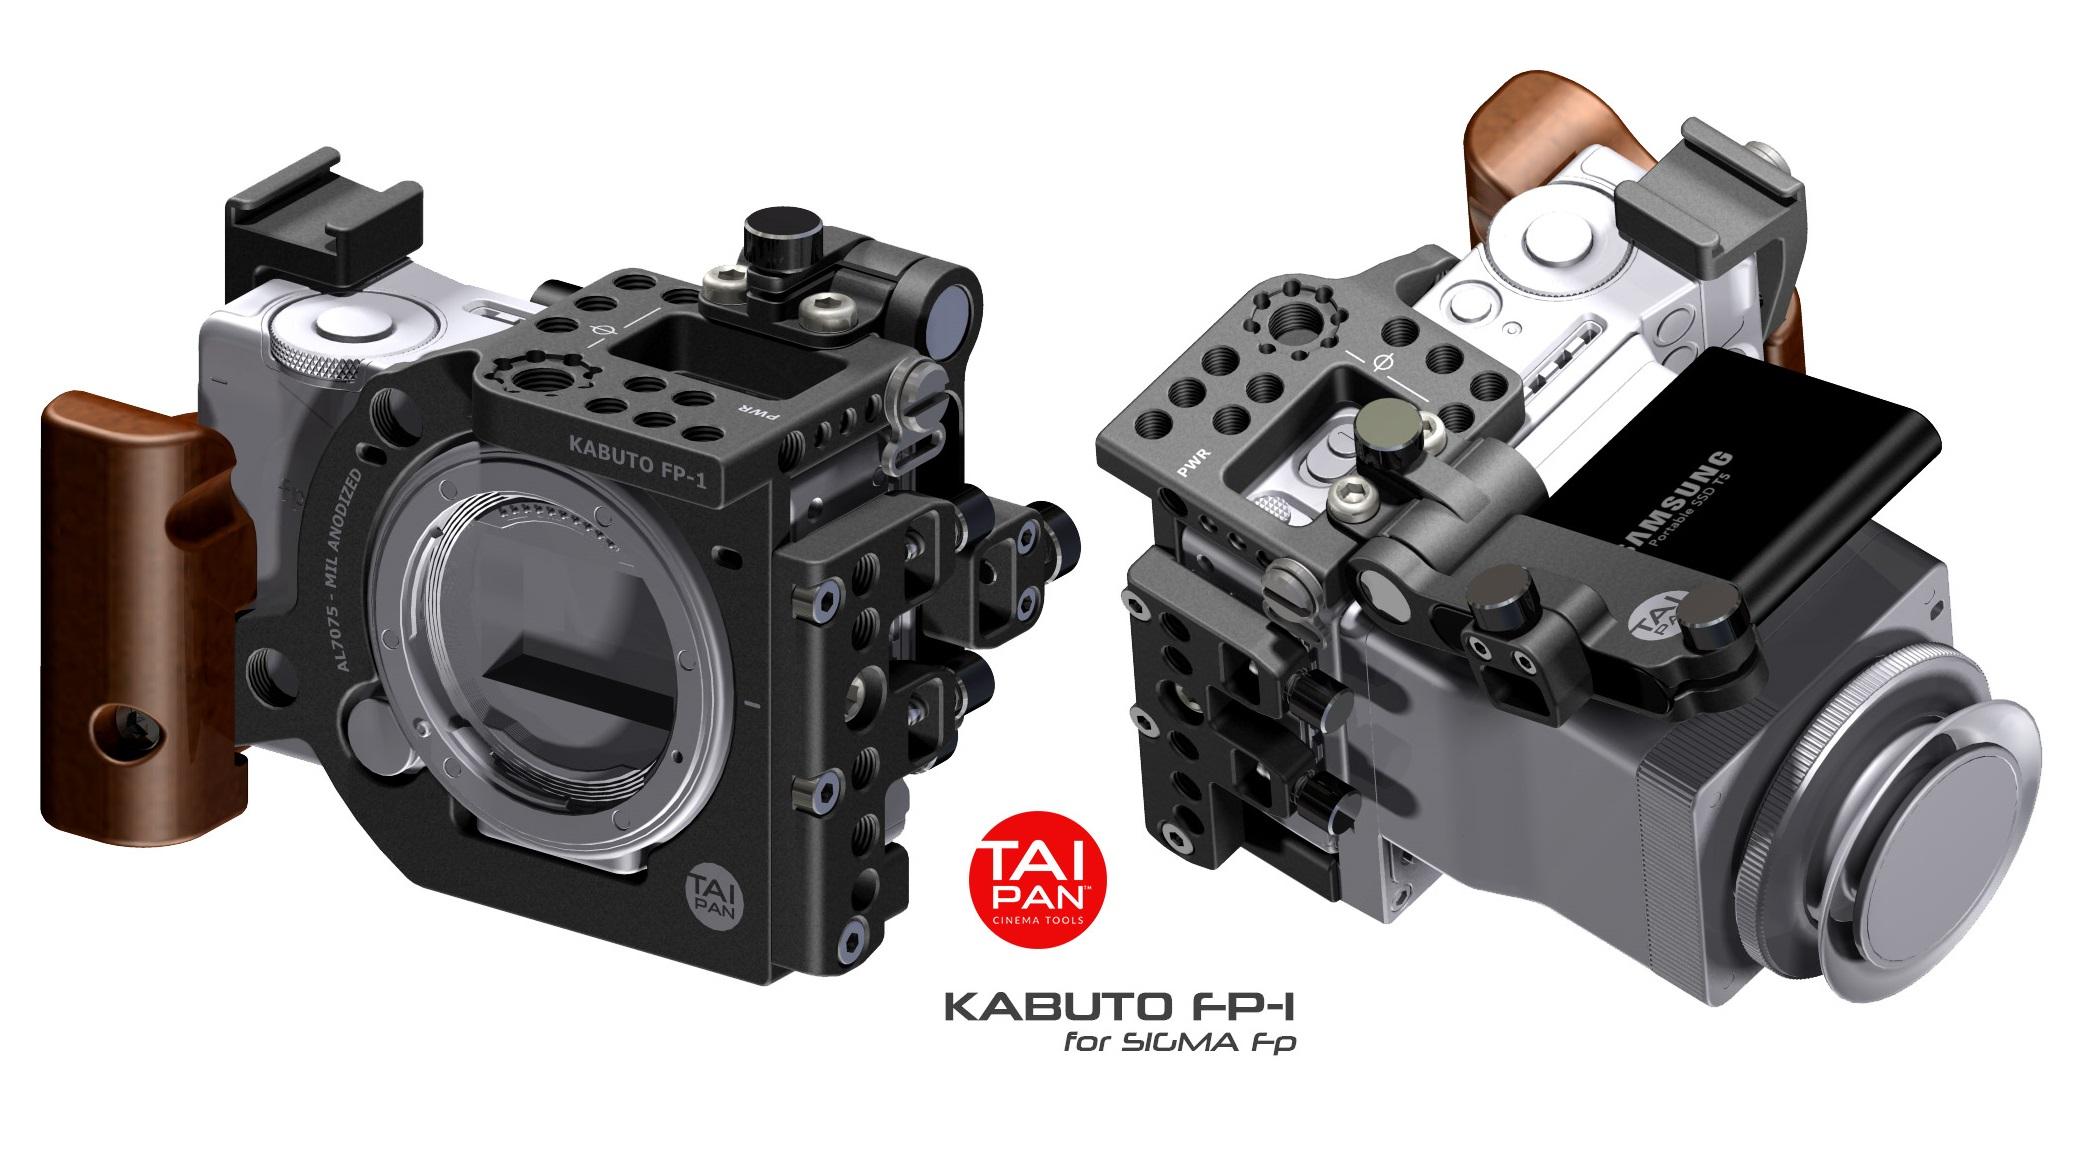 シグマ fpカメラ用ケージ - Taipan KABUTO